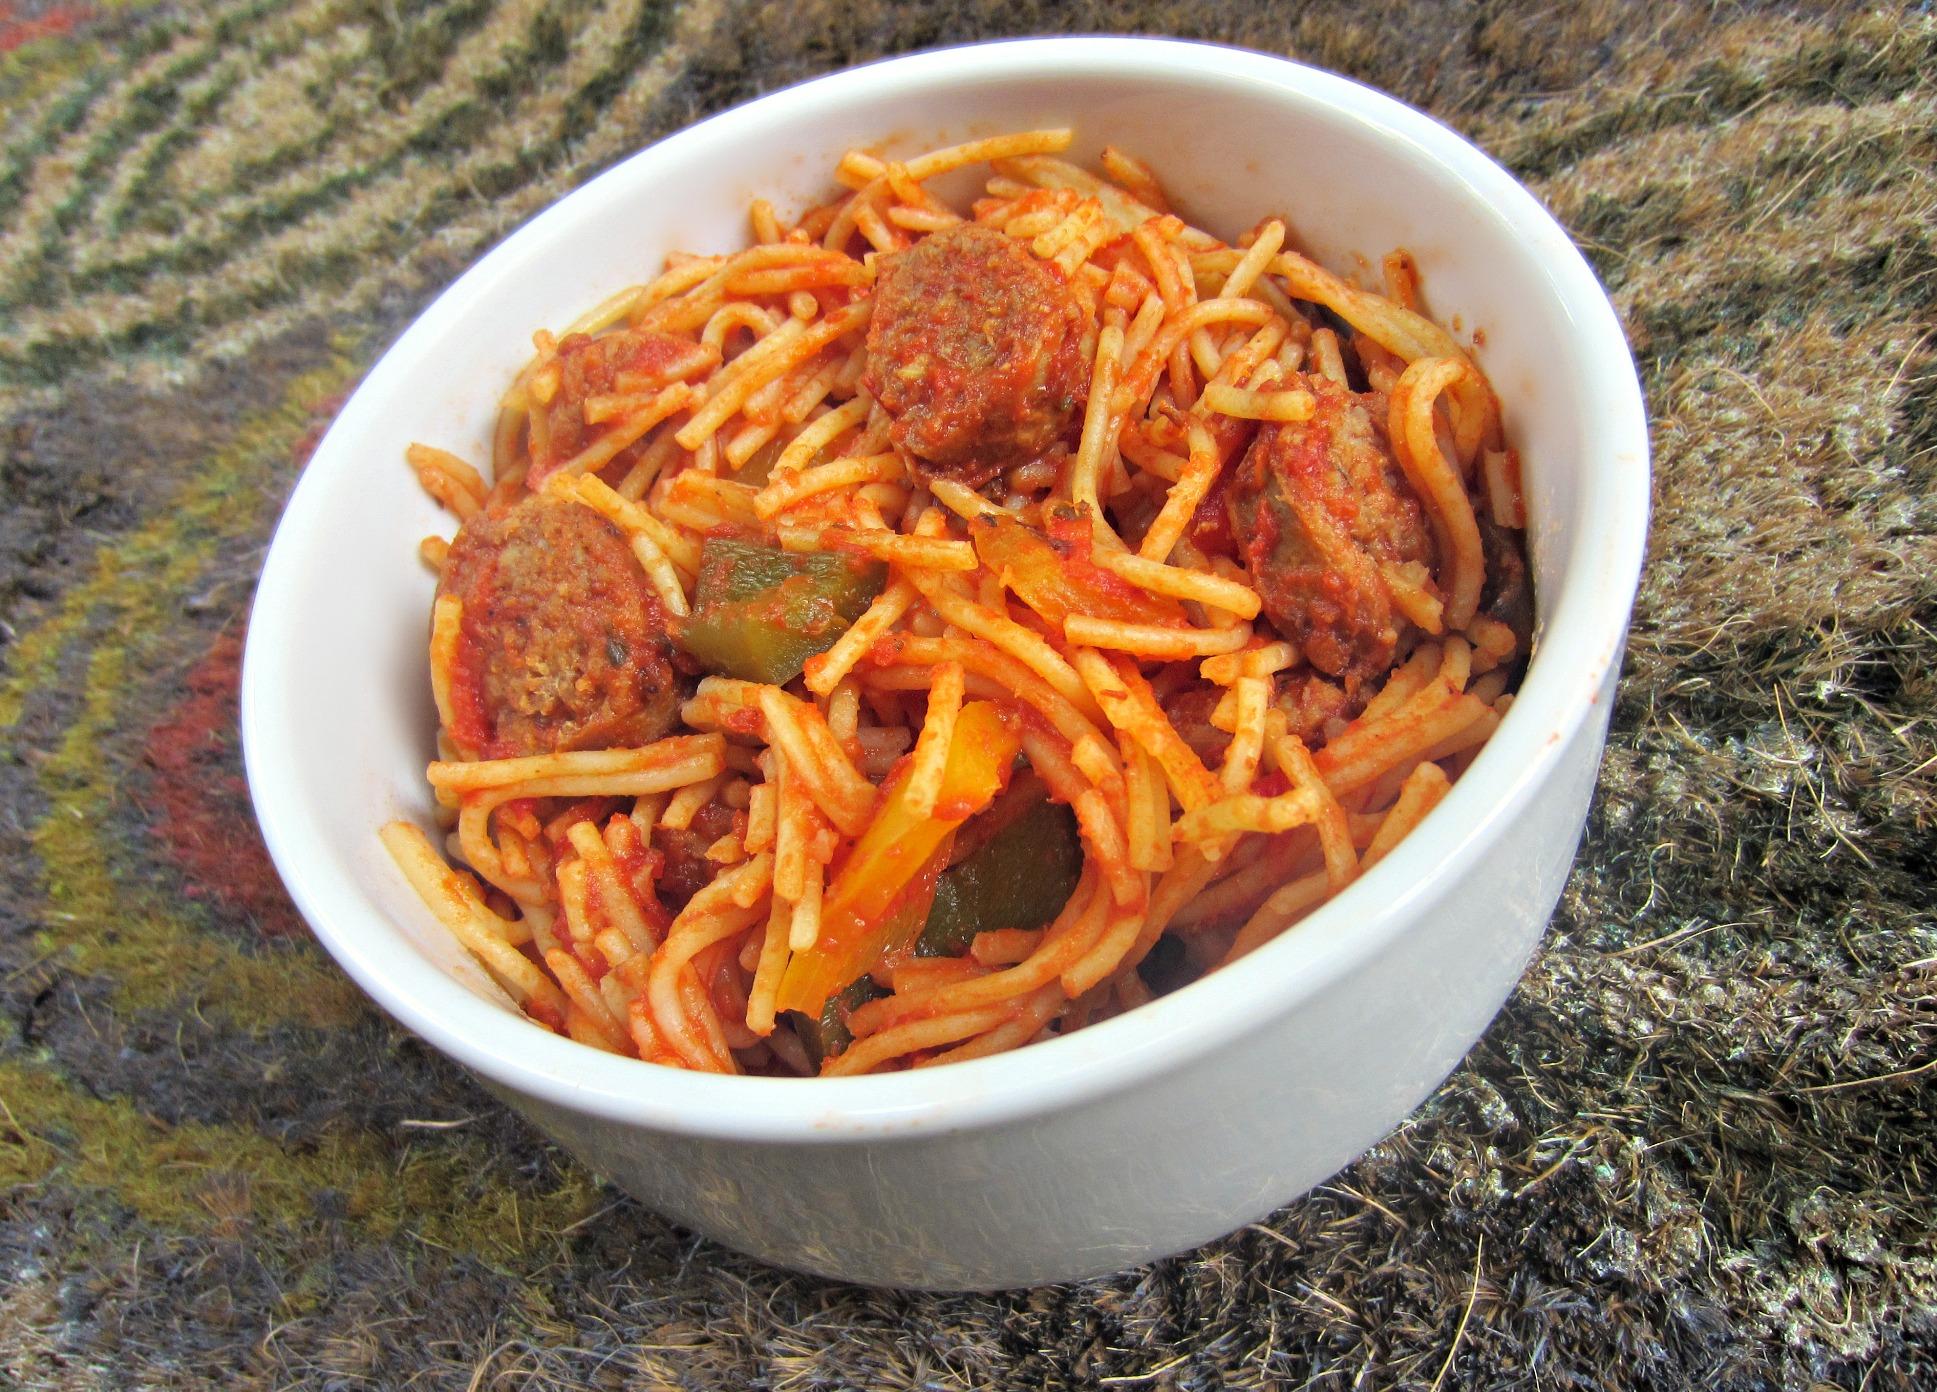 turkey italian sausage and gluten free pasta